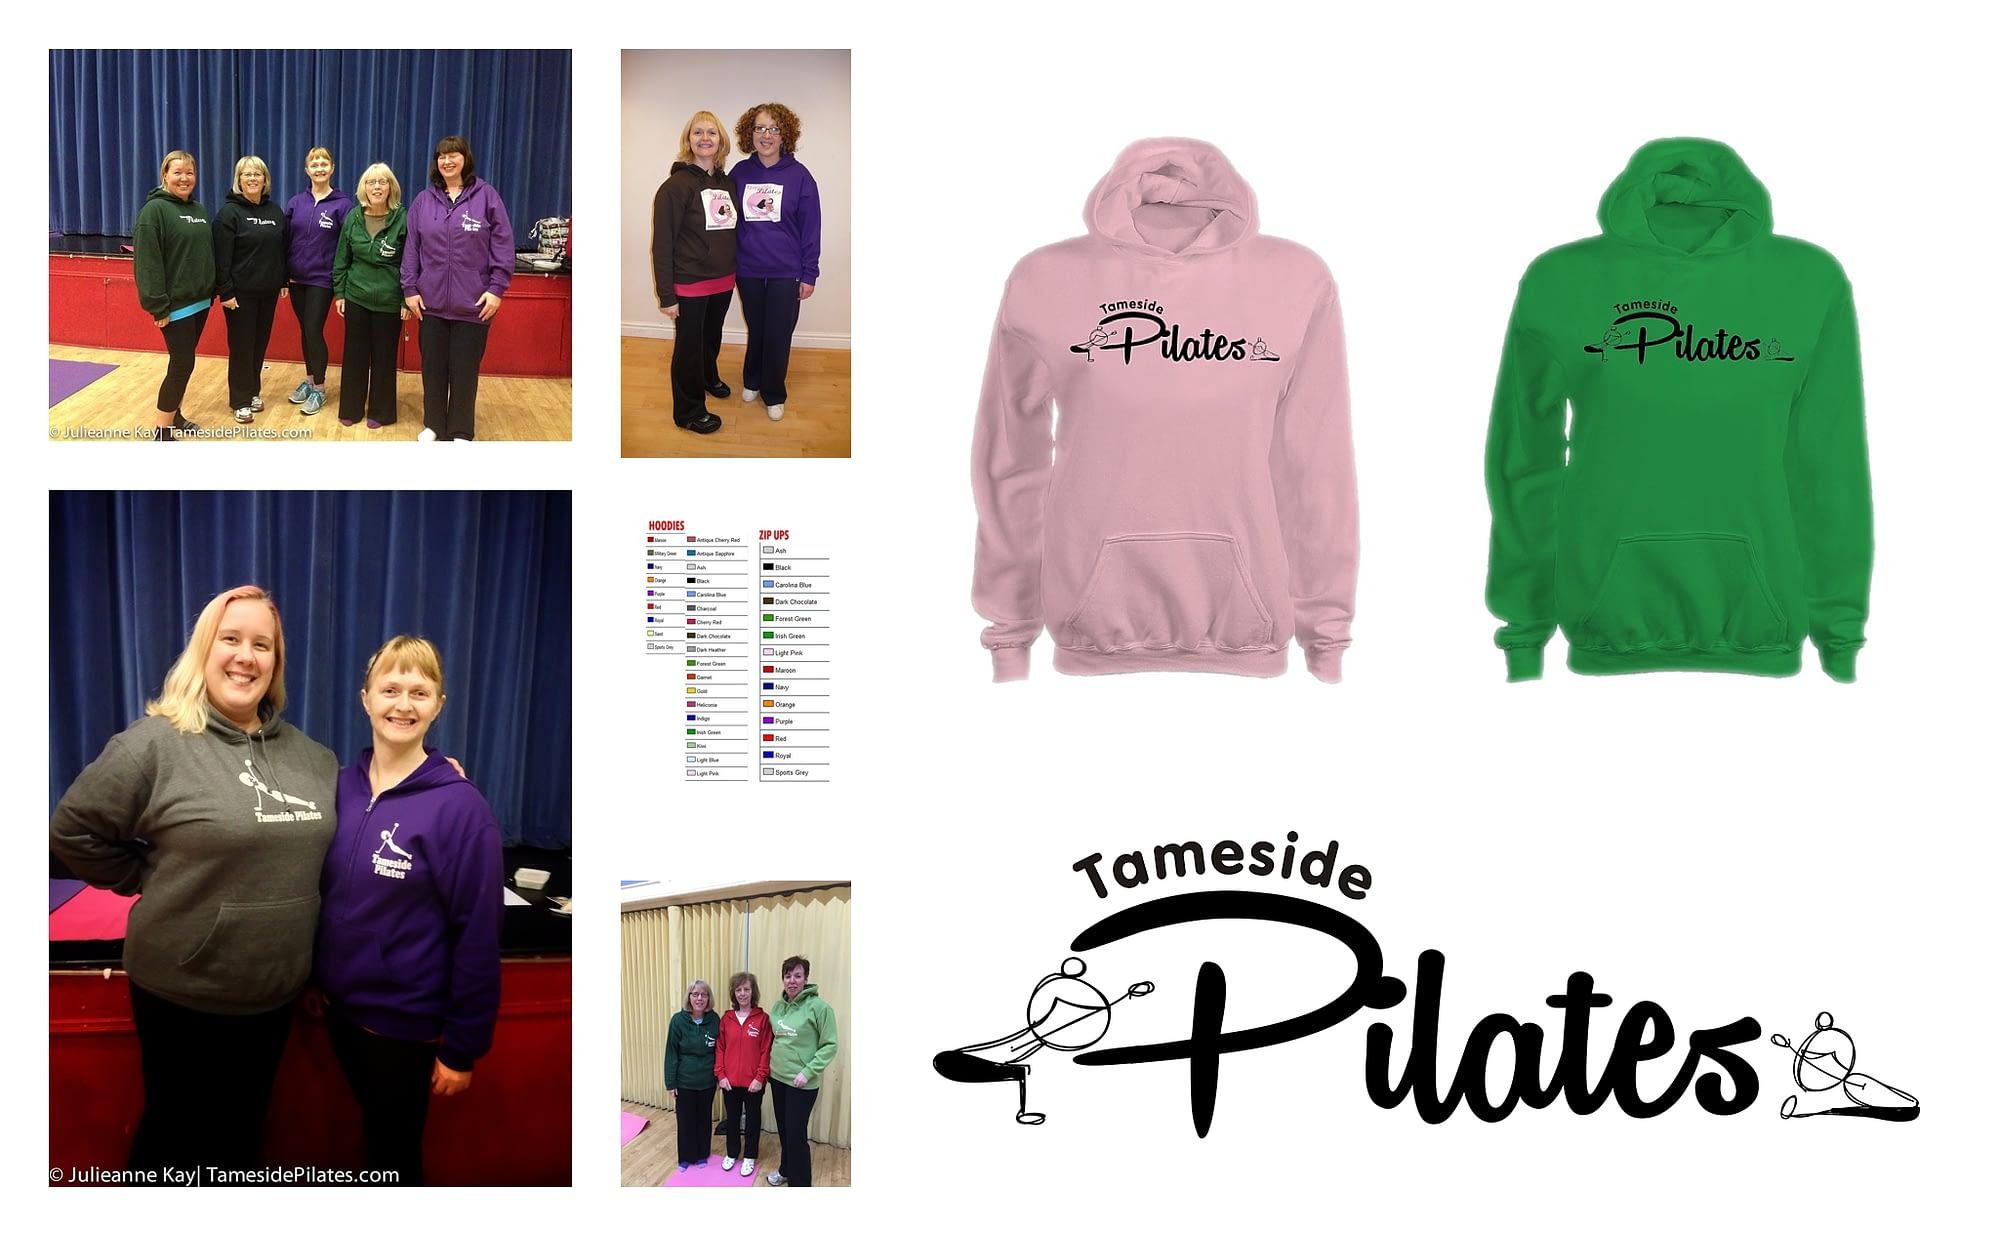 hoodies at Tameside Pilates